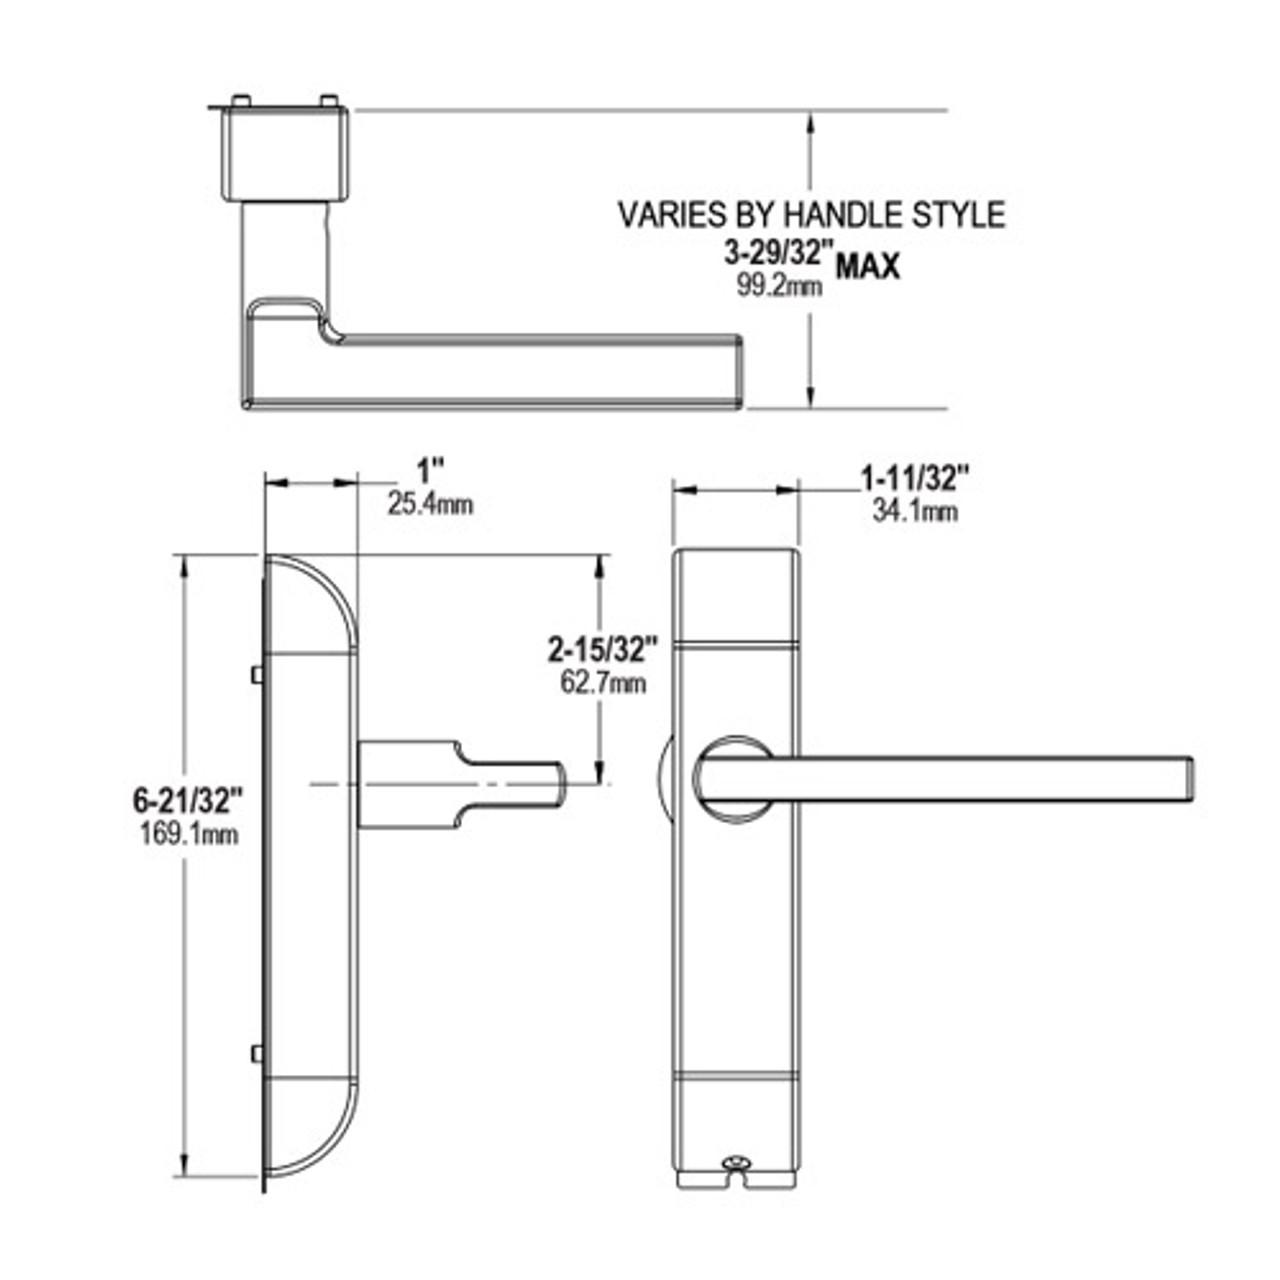 4600-MN-551-US10B Adams Rite MN Designer handle Dimensional View